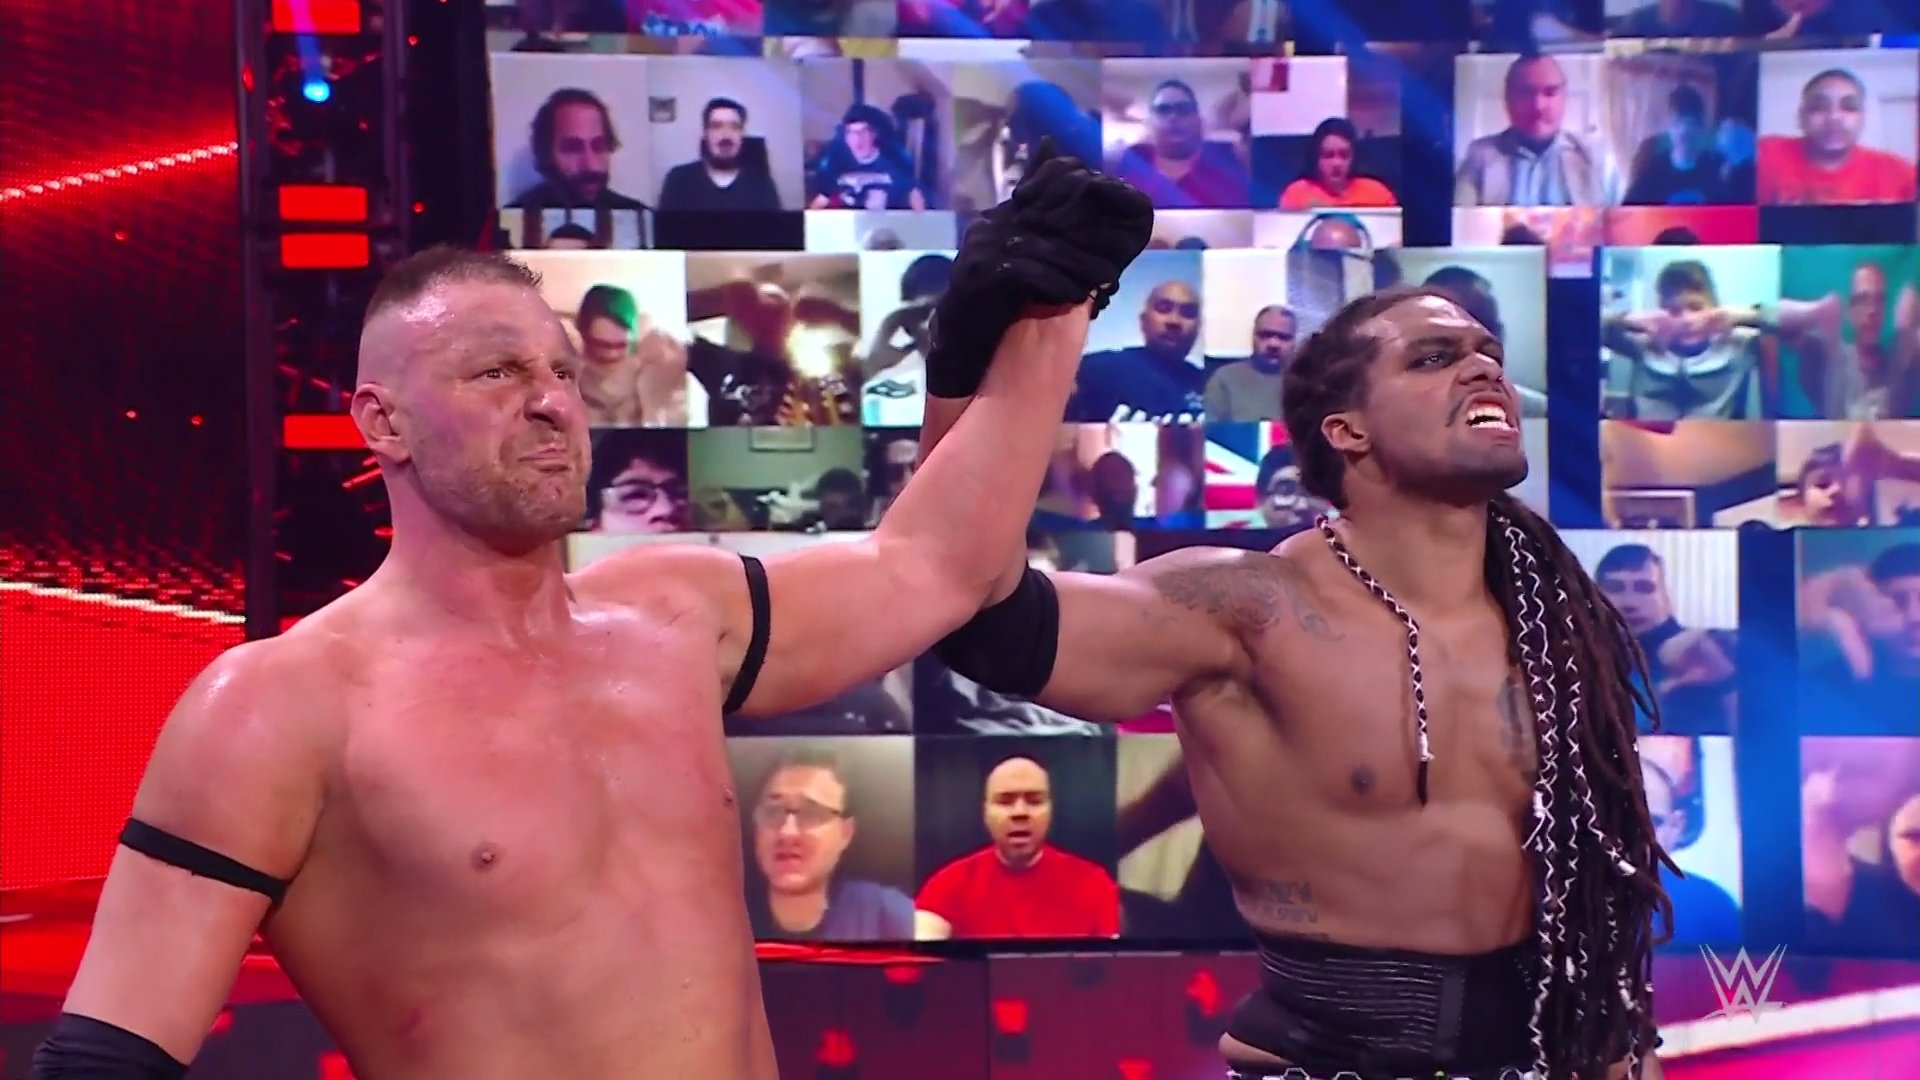 T-BAR e Mace são desmascarados por Drew McIntyre e Braun Strowman